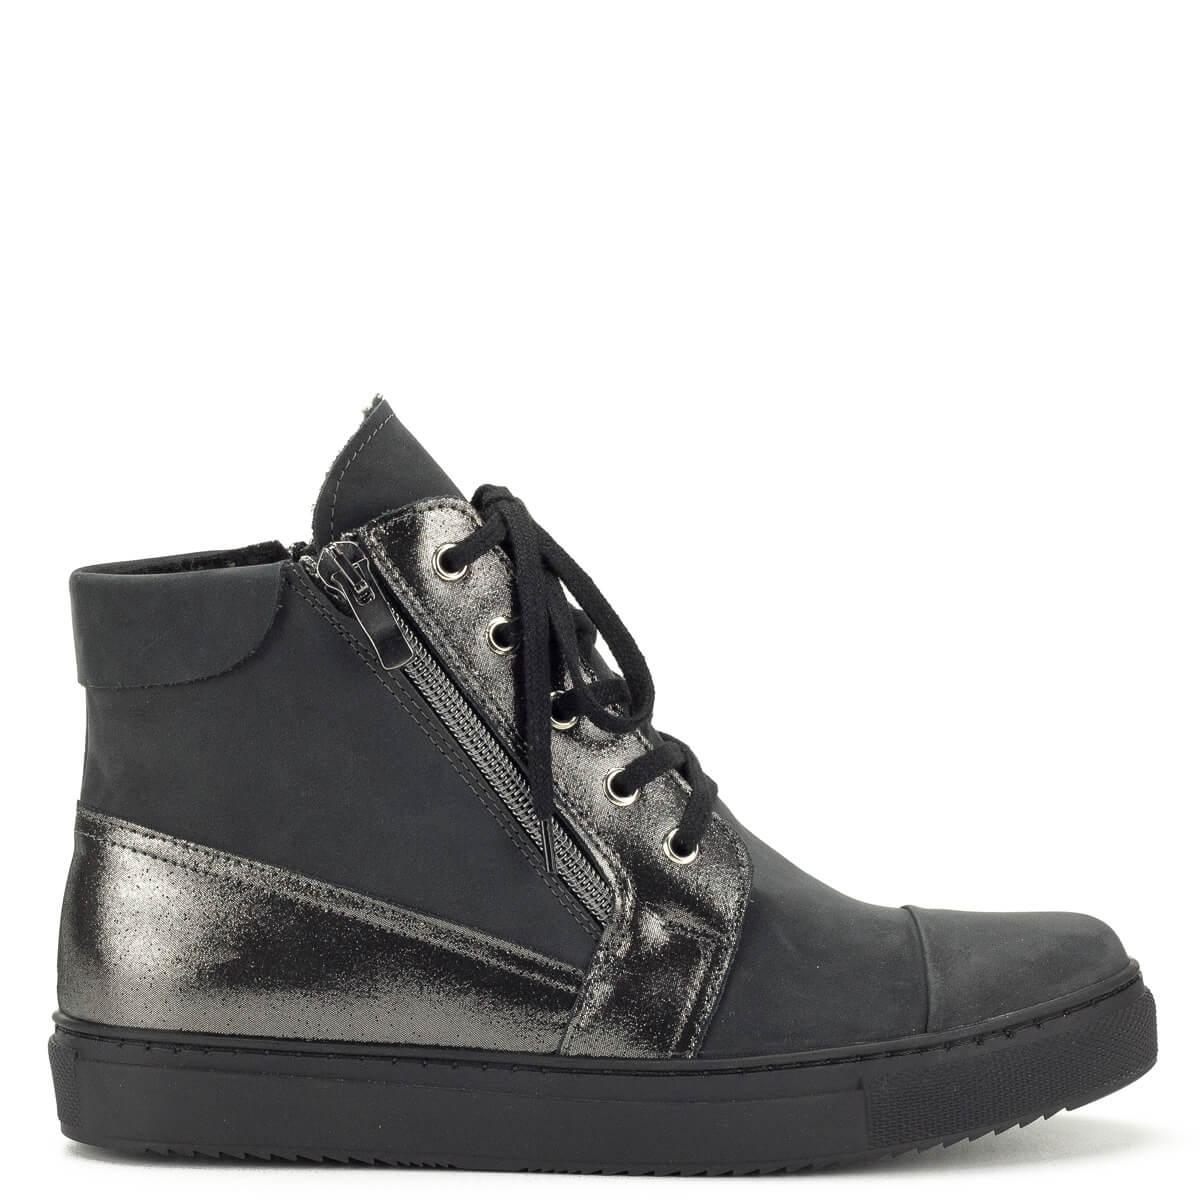 Szürke Korda magas szárú bőr cipő - Őszi cipő - Bakancs - Bokacipő 583e9abacc